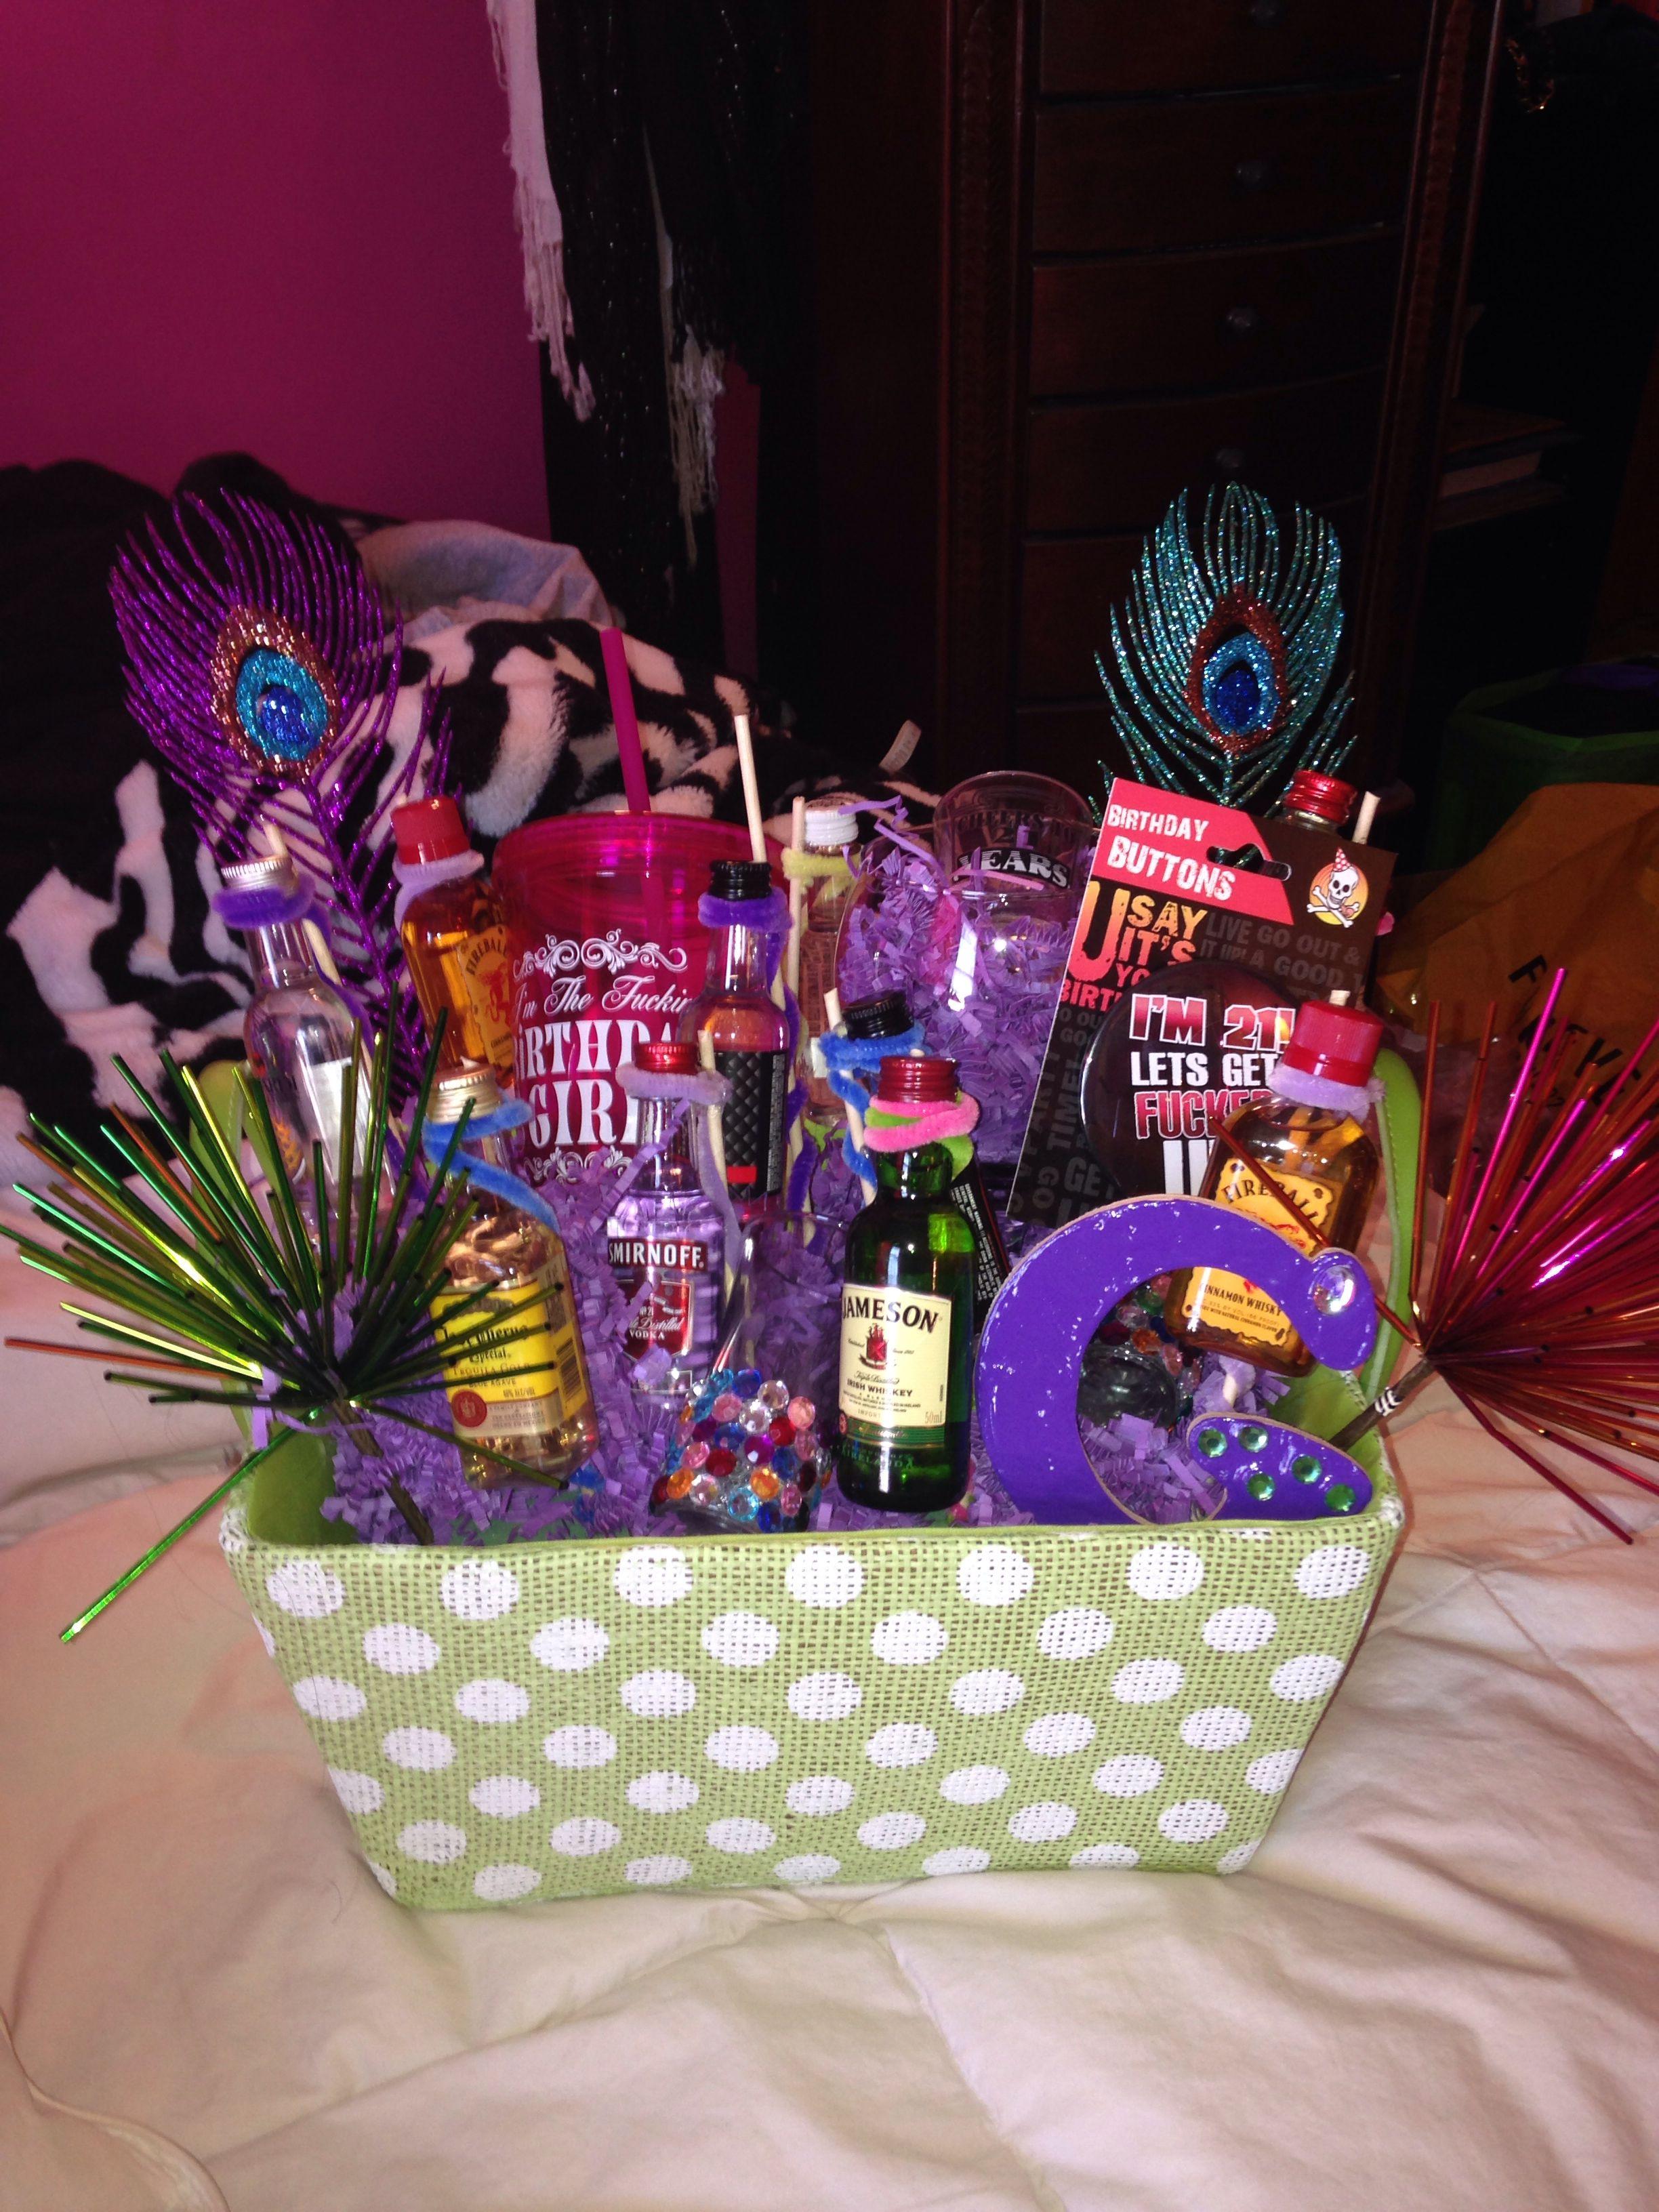 21st birthday gift basket i made diy crafts birthday